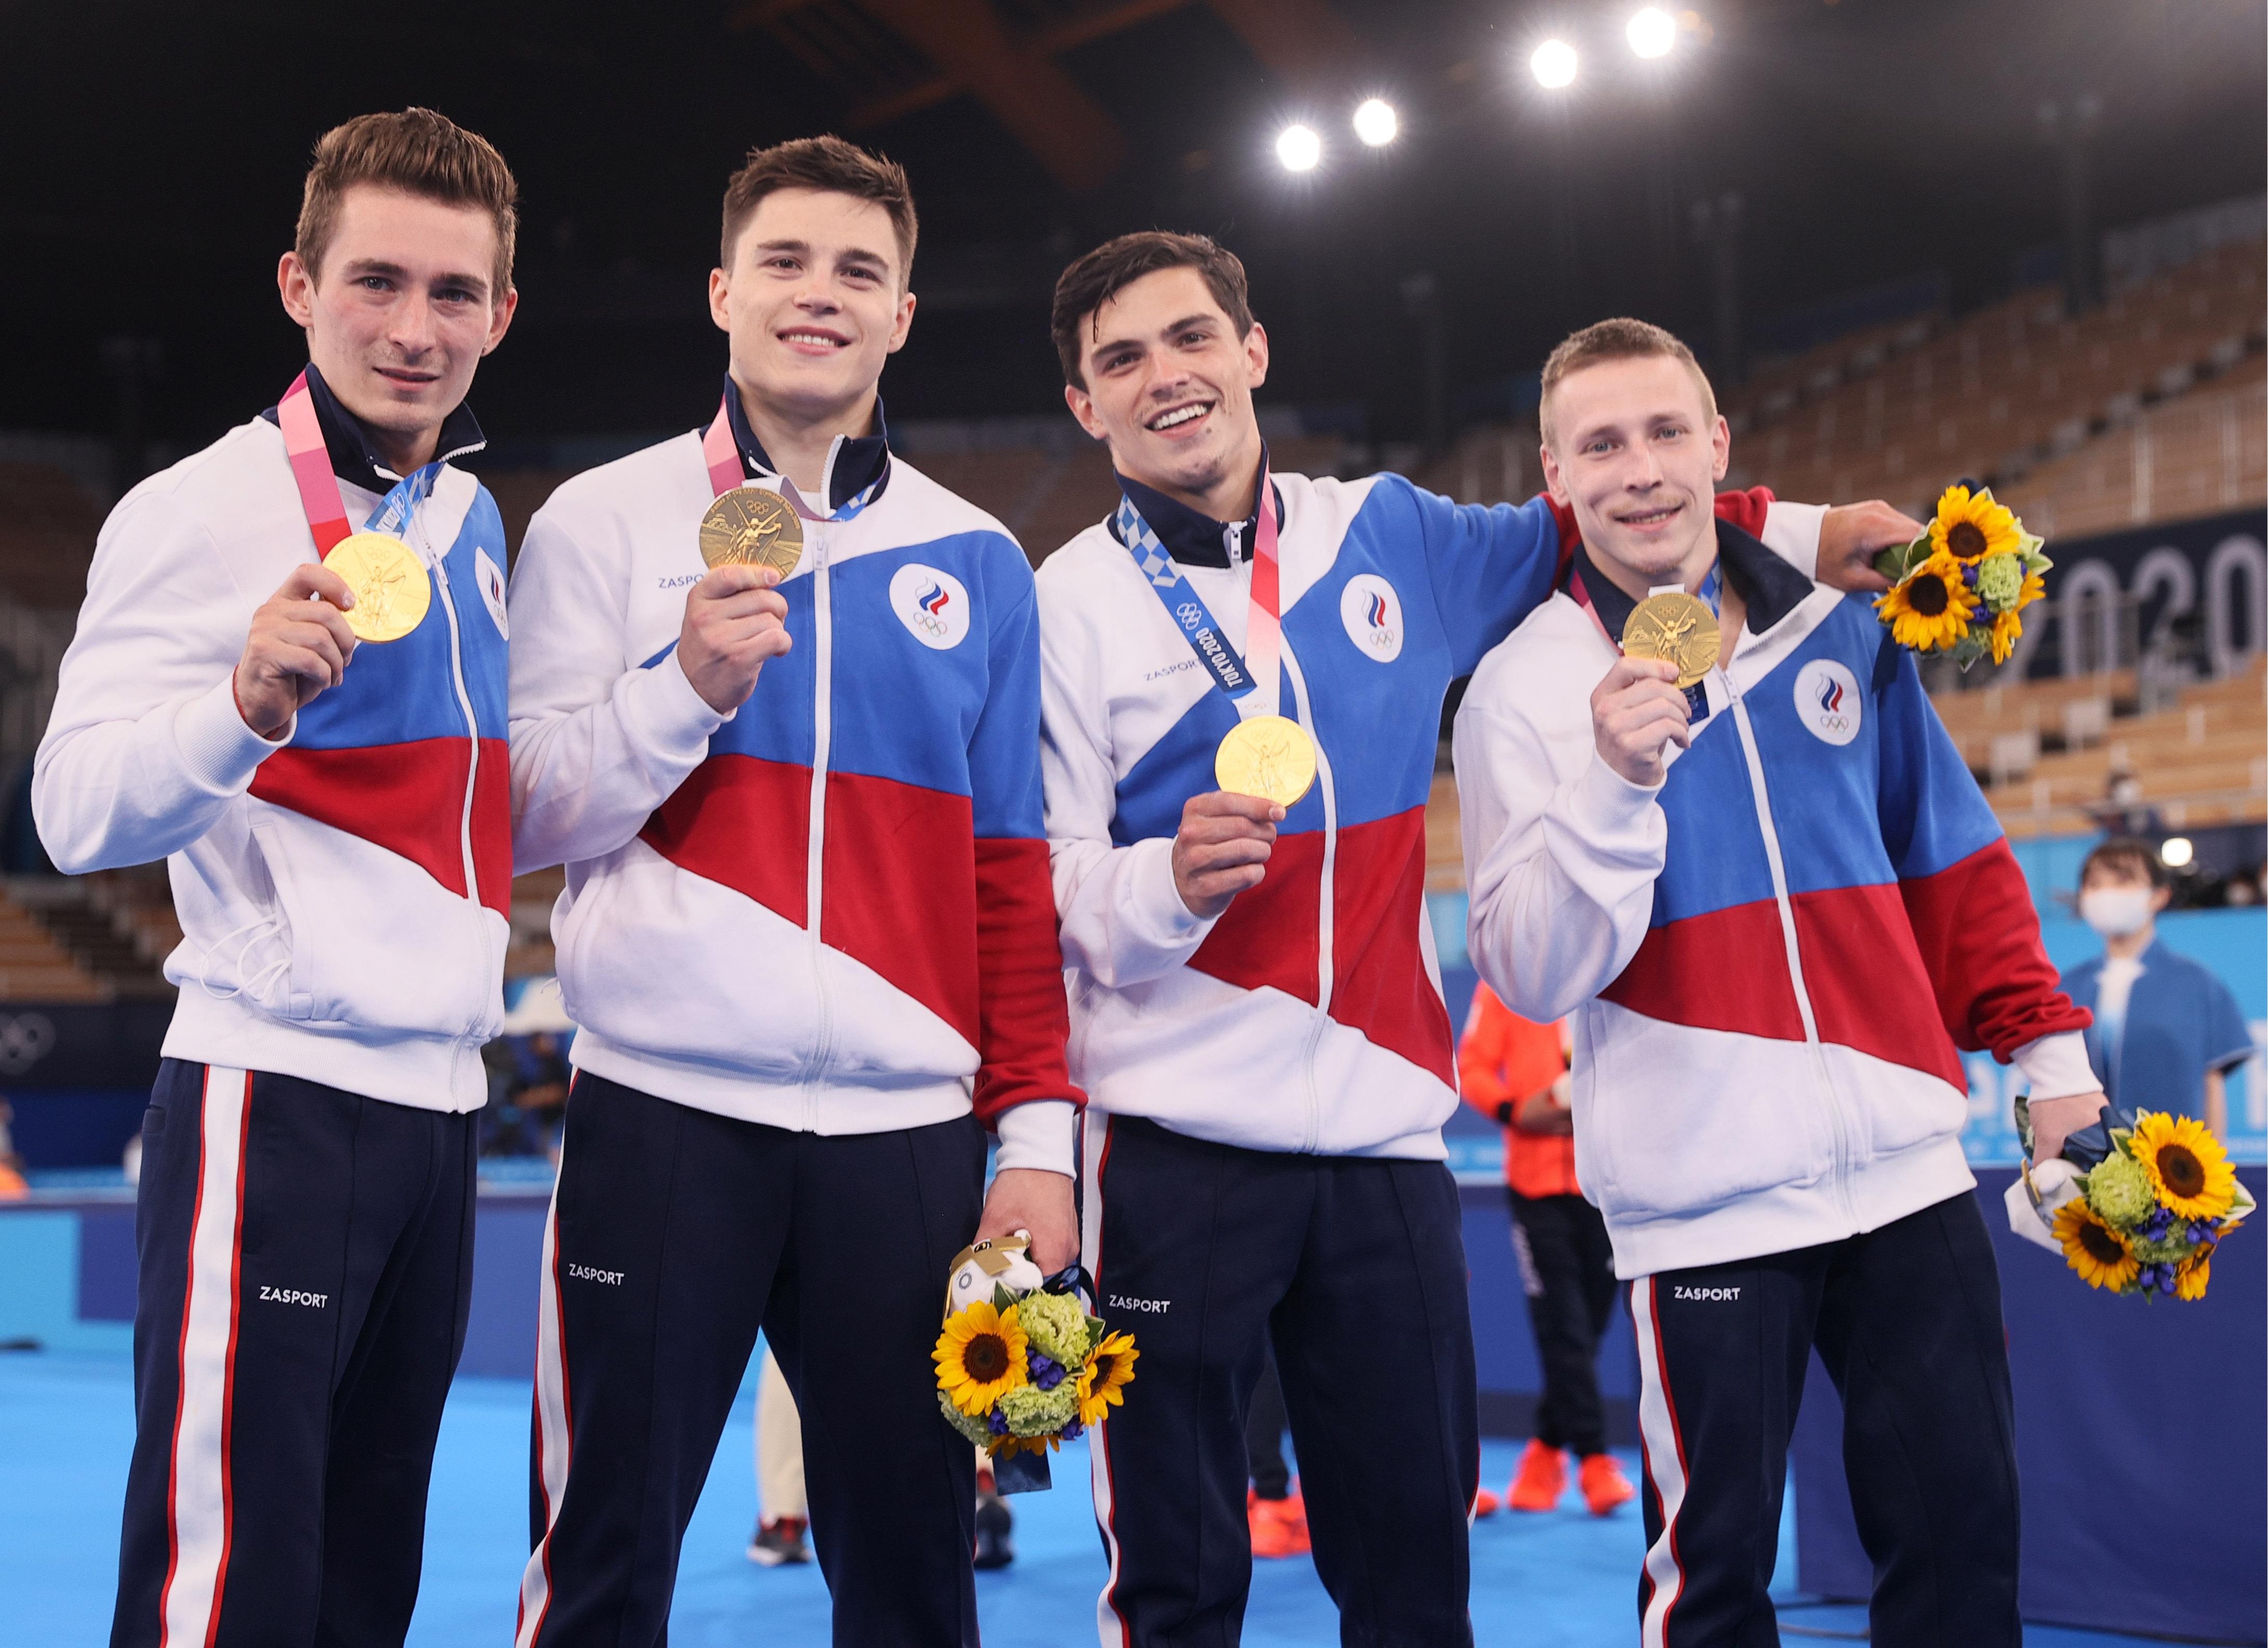 Фото:Слева направо: Давид Белявский, Никита Нагорный, Артур Далалоян и Денис Аблязин (Сергей Бобылев/ТАСС)